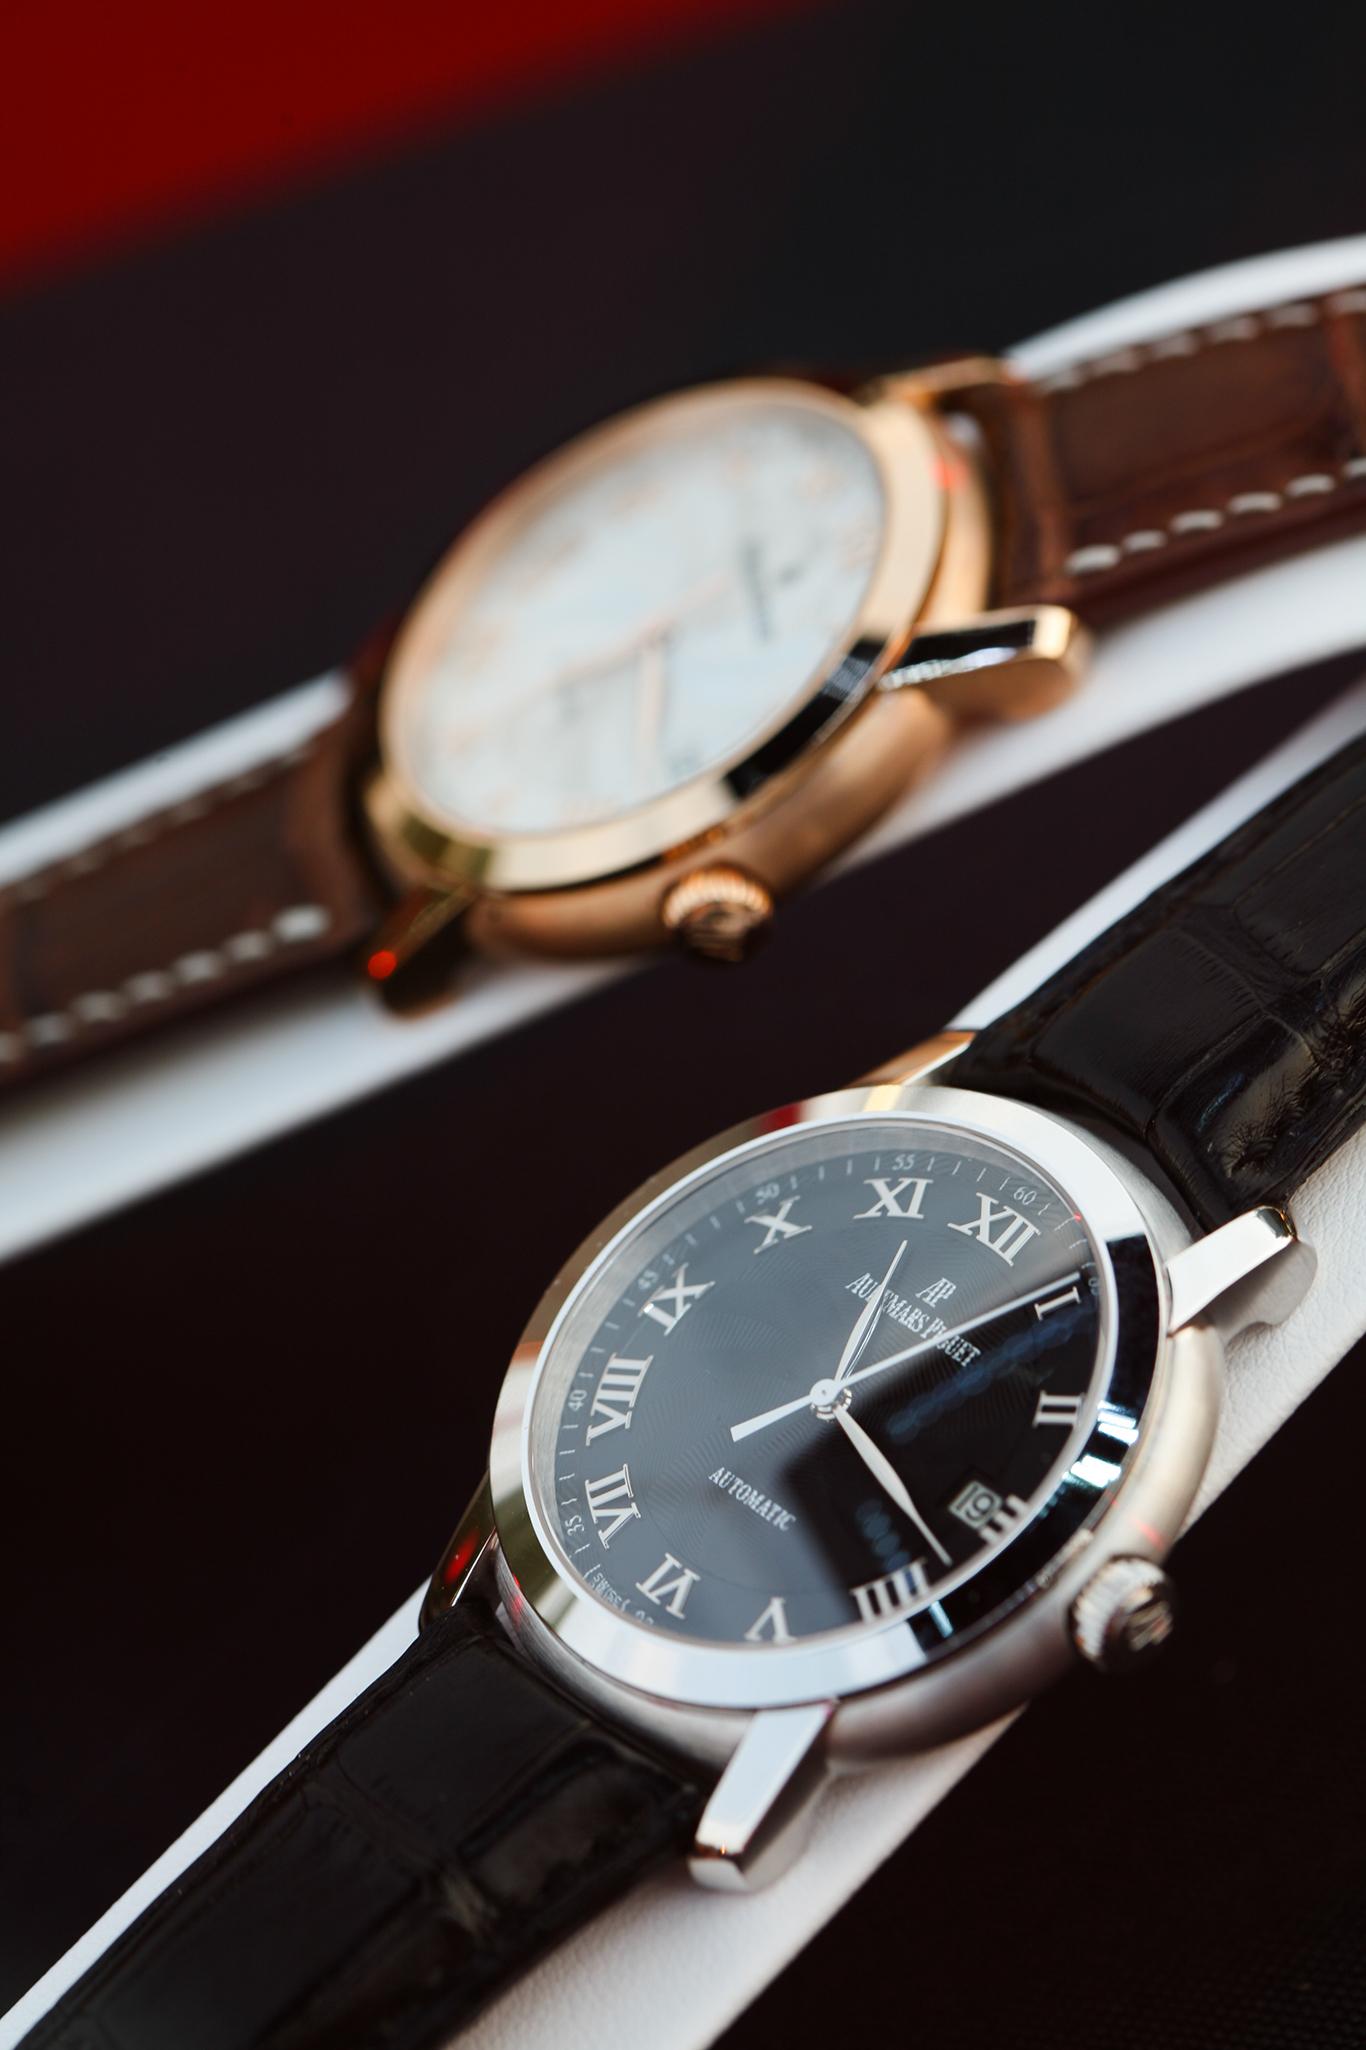 Jewelry_Watch_05